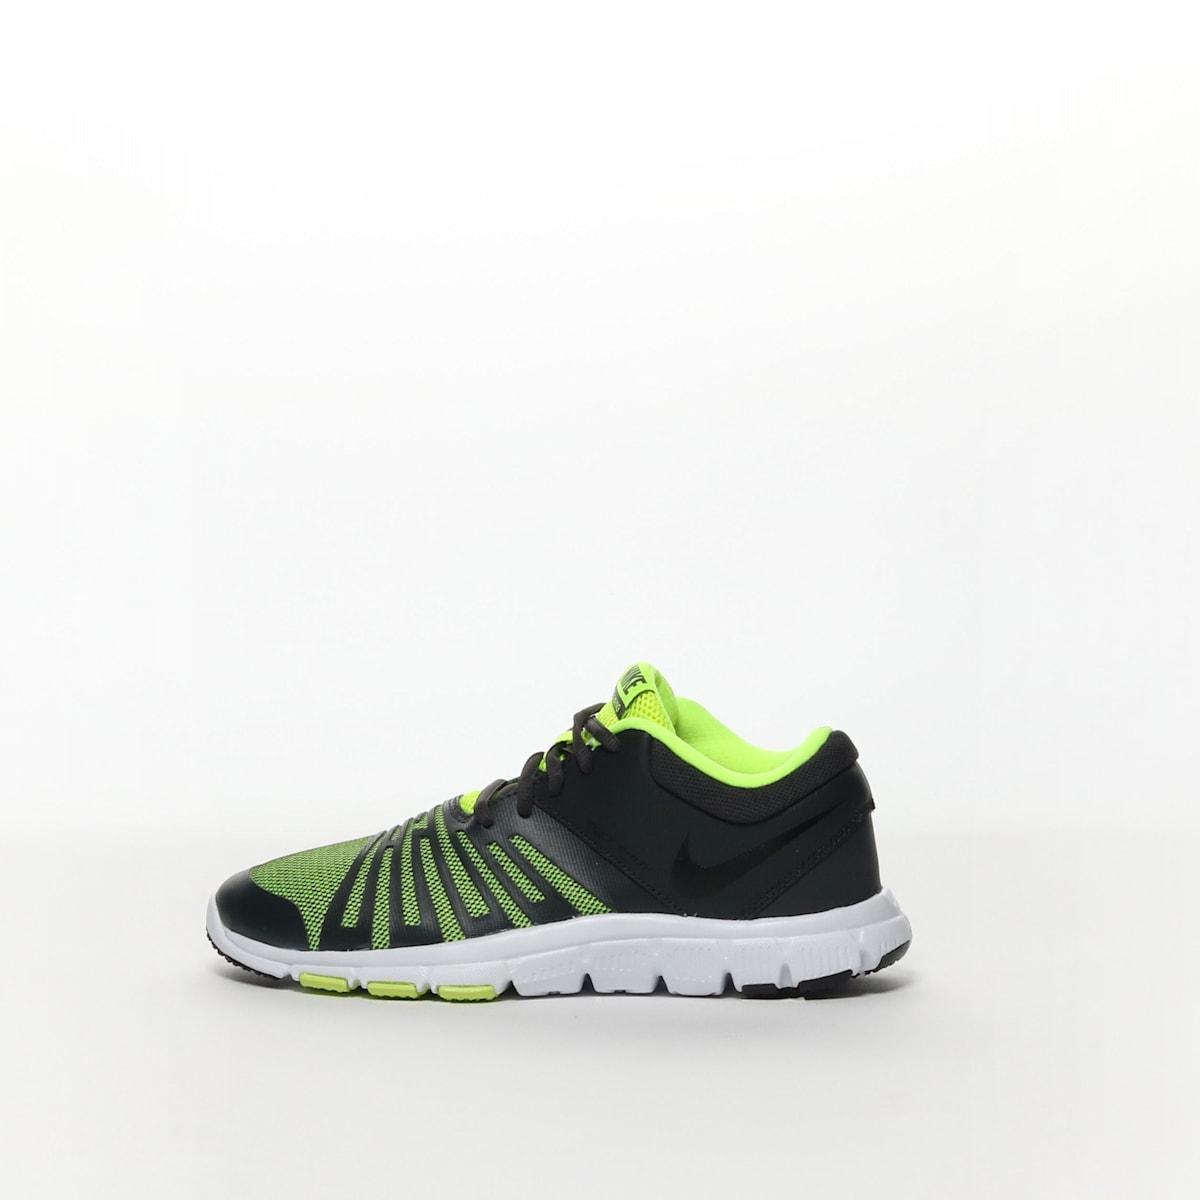 c30401168fd79 Boys  Nike Flex Show TR 5 (GS PS) Training Shoe - ANTHRA BLACK – Resku